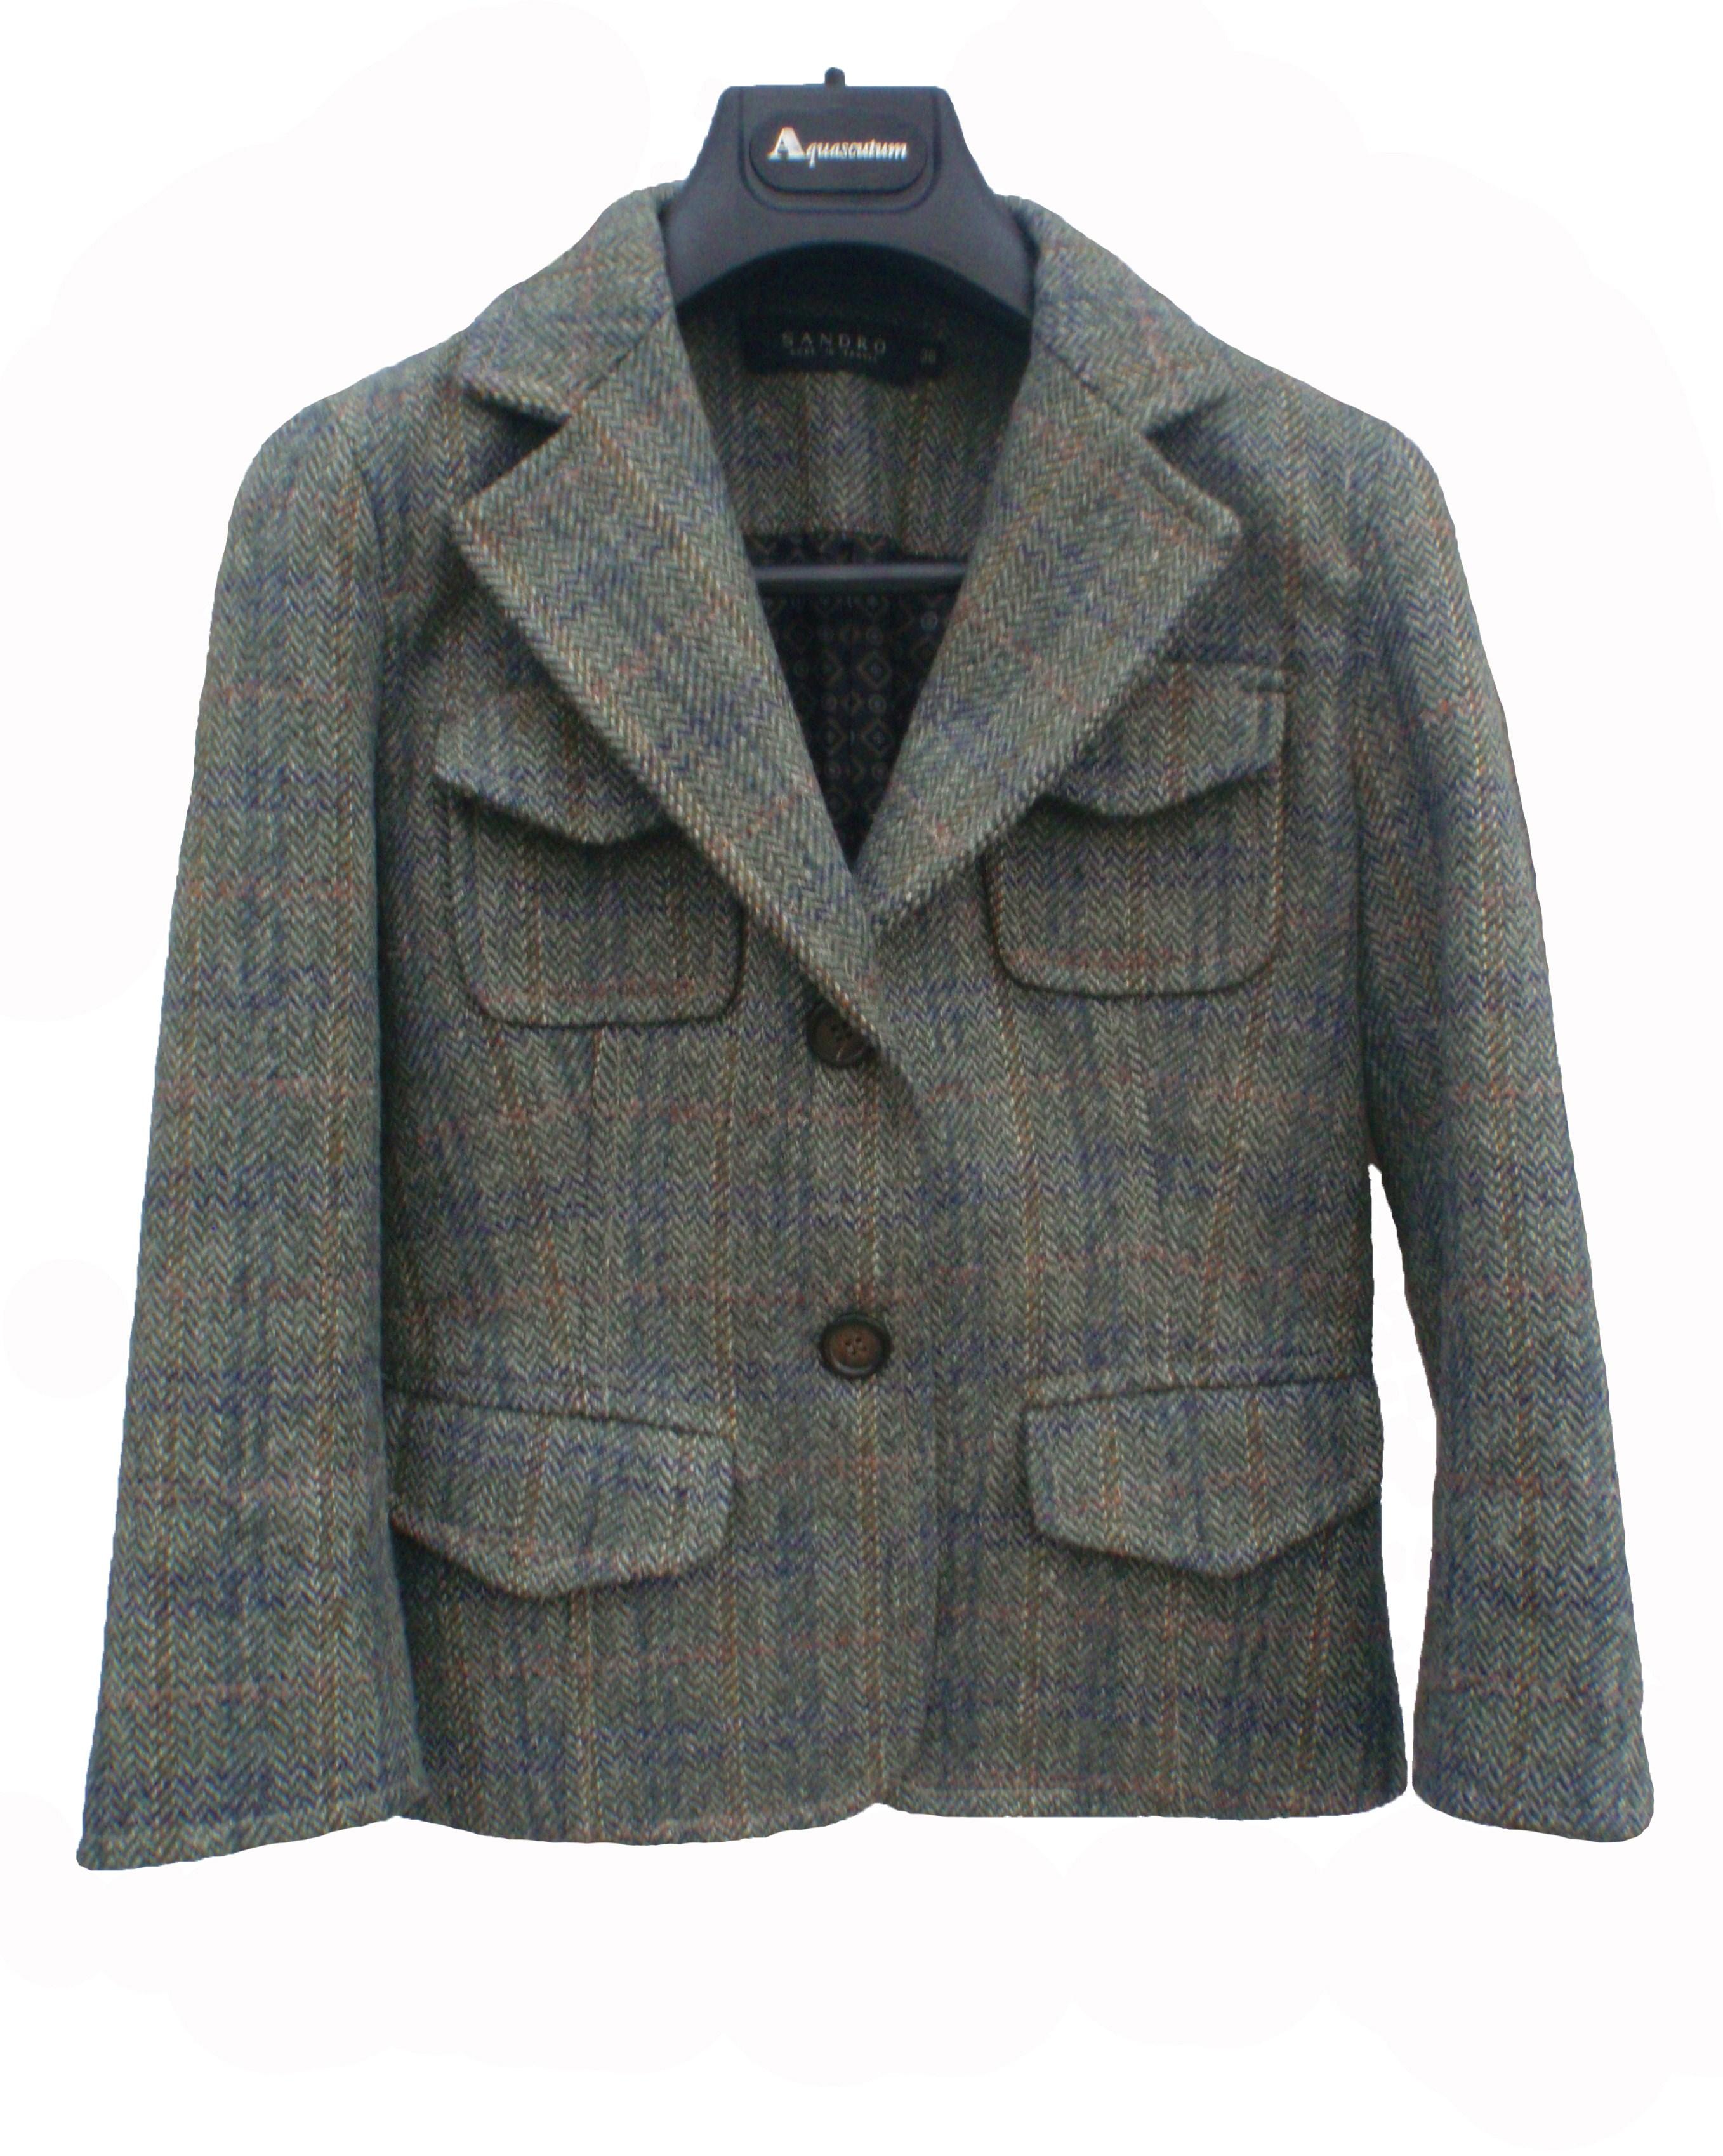 Sandro Green tweed jacket